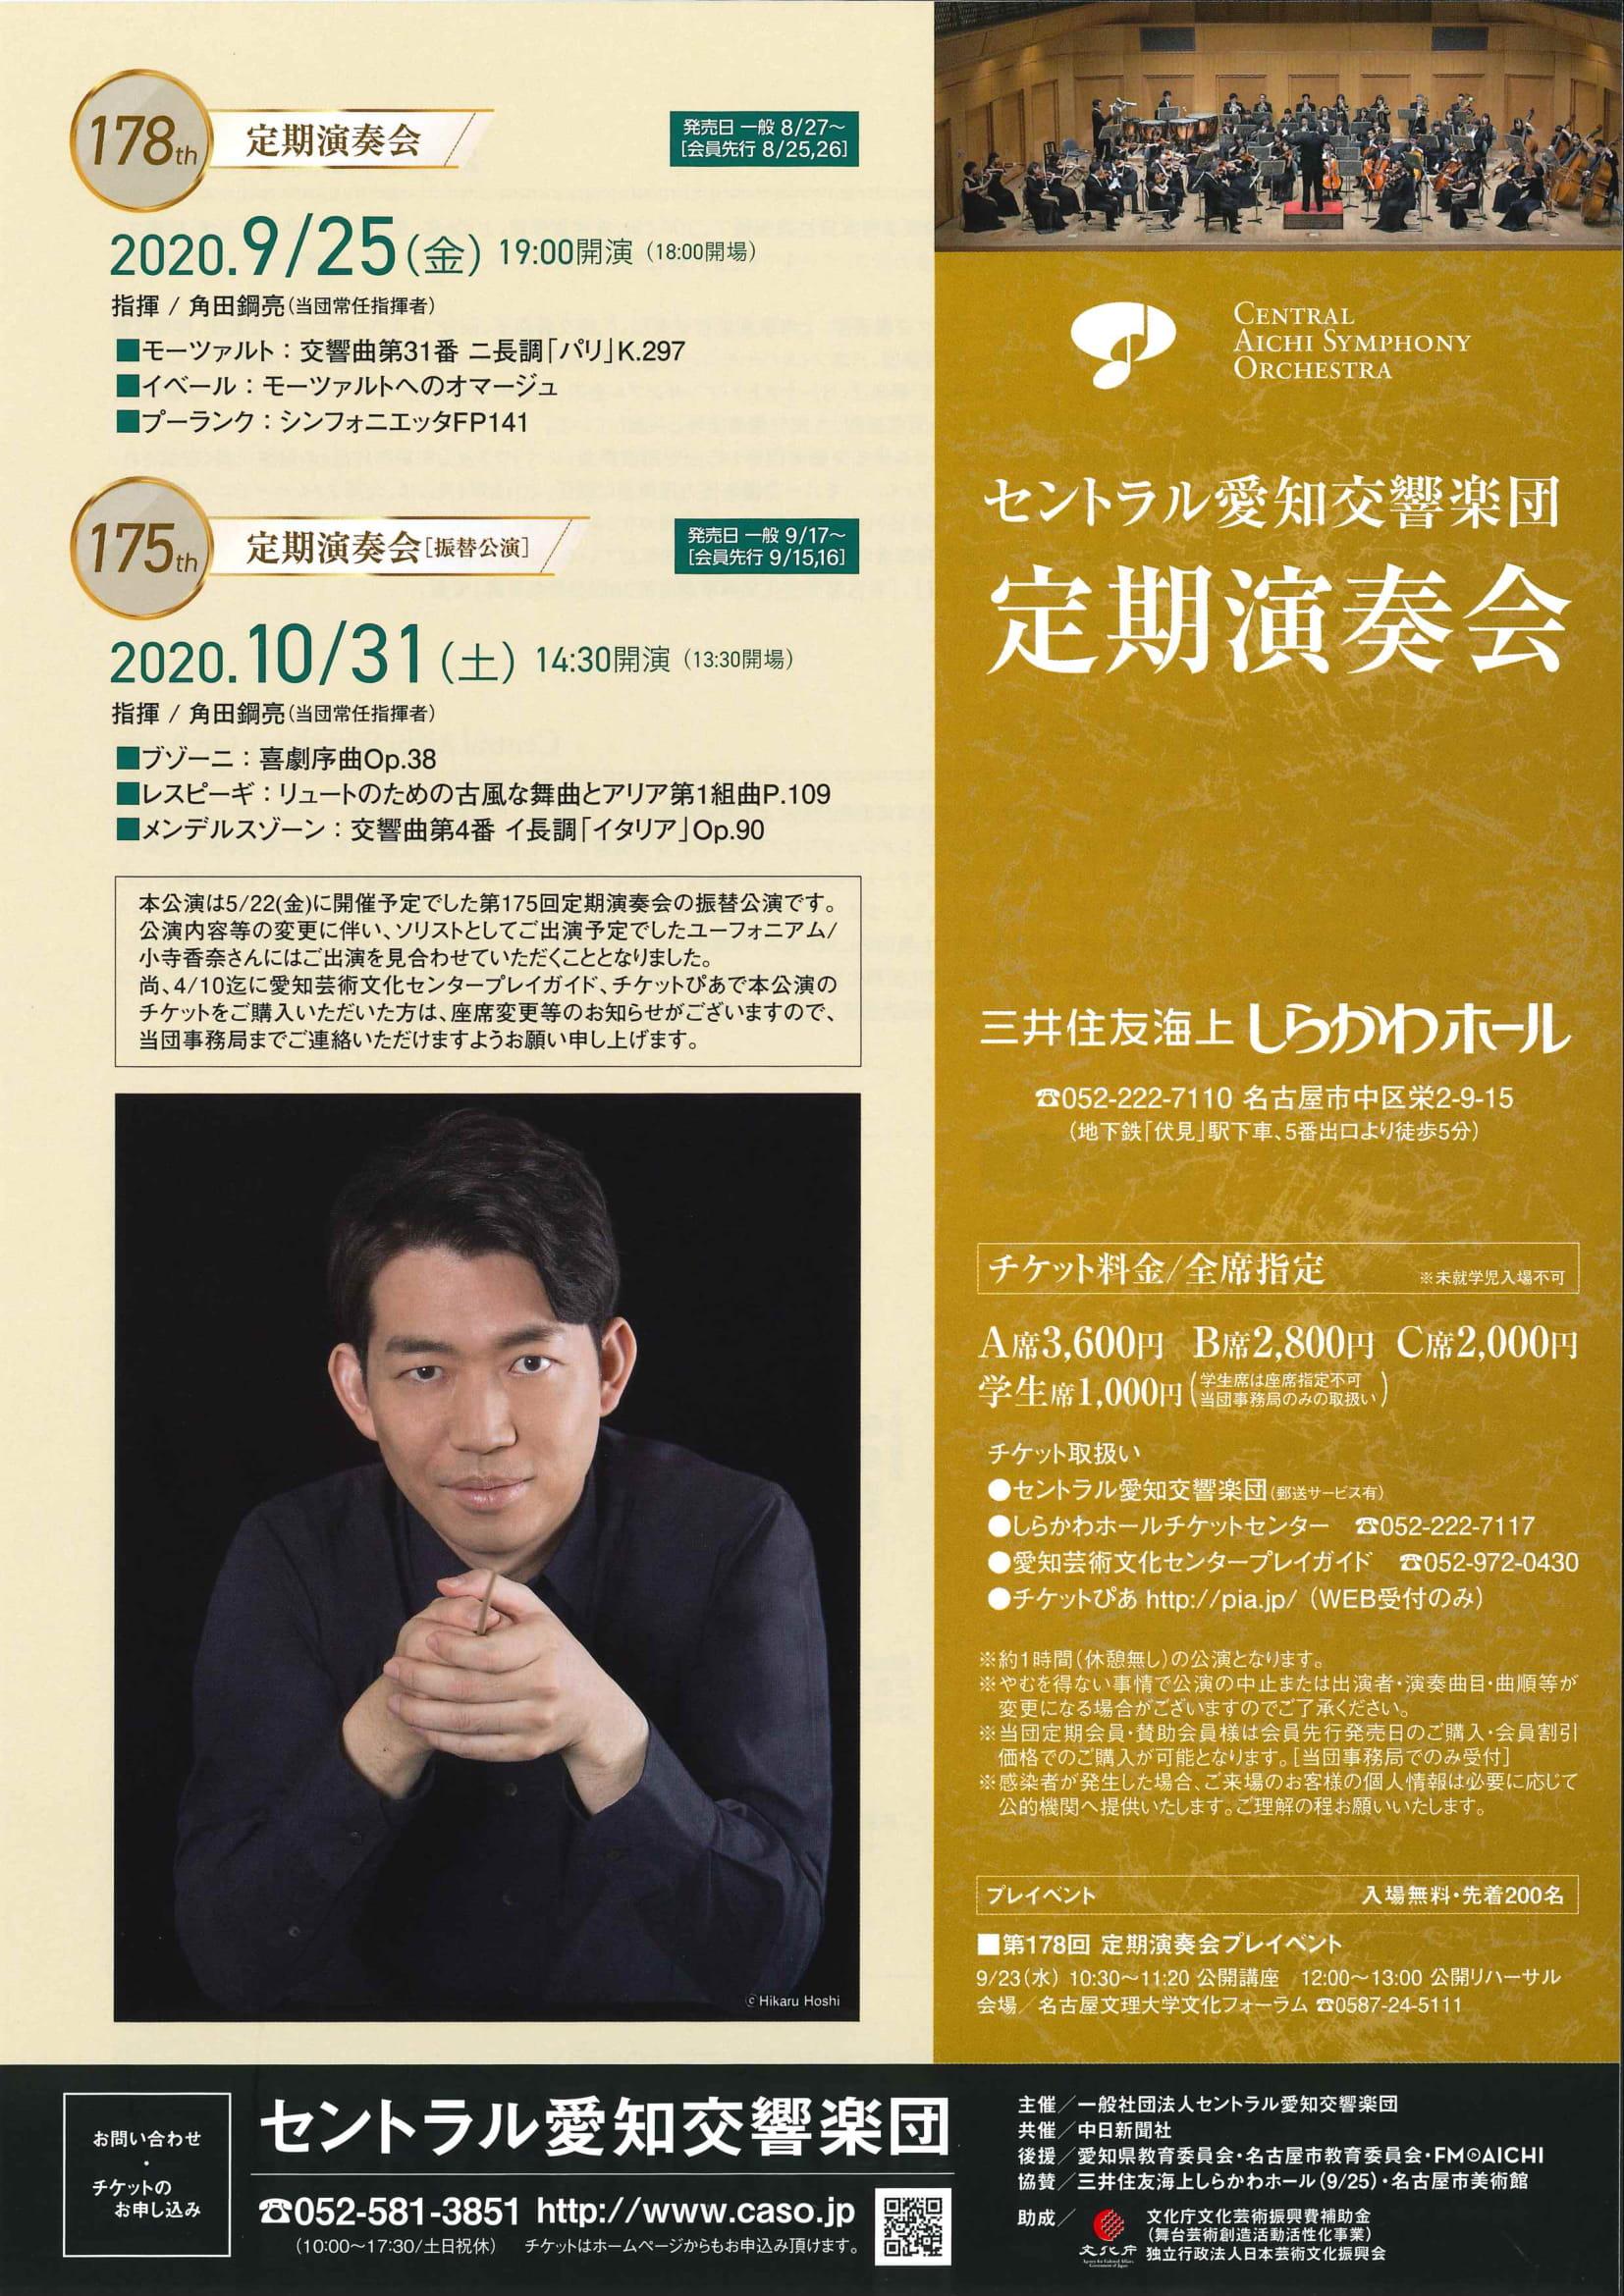 第175回定期演奏会-振替公演- 《名古屋市民芸術祭2020参加公演》